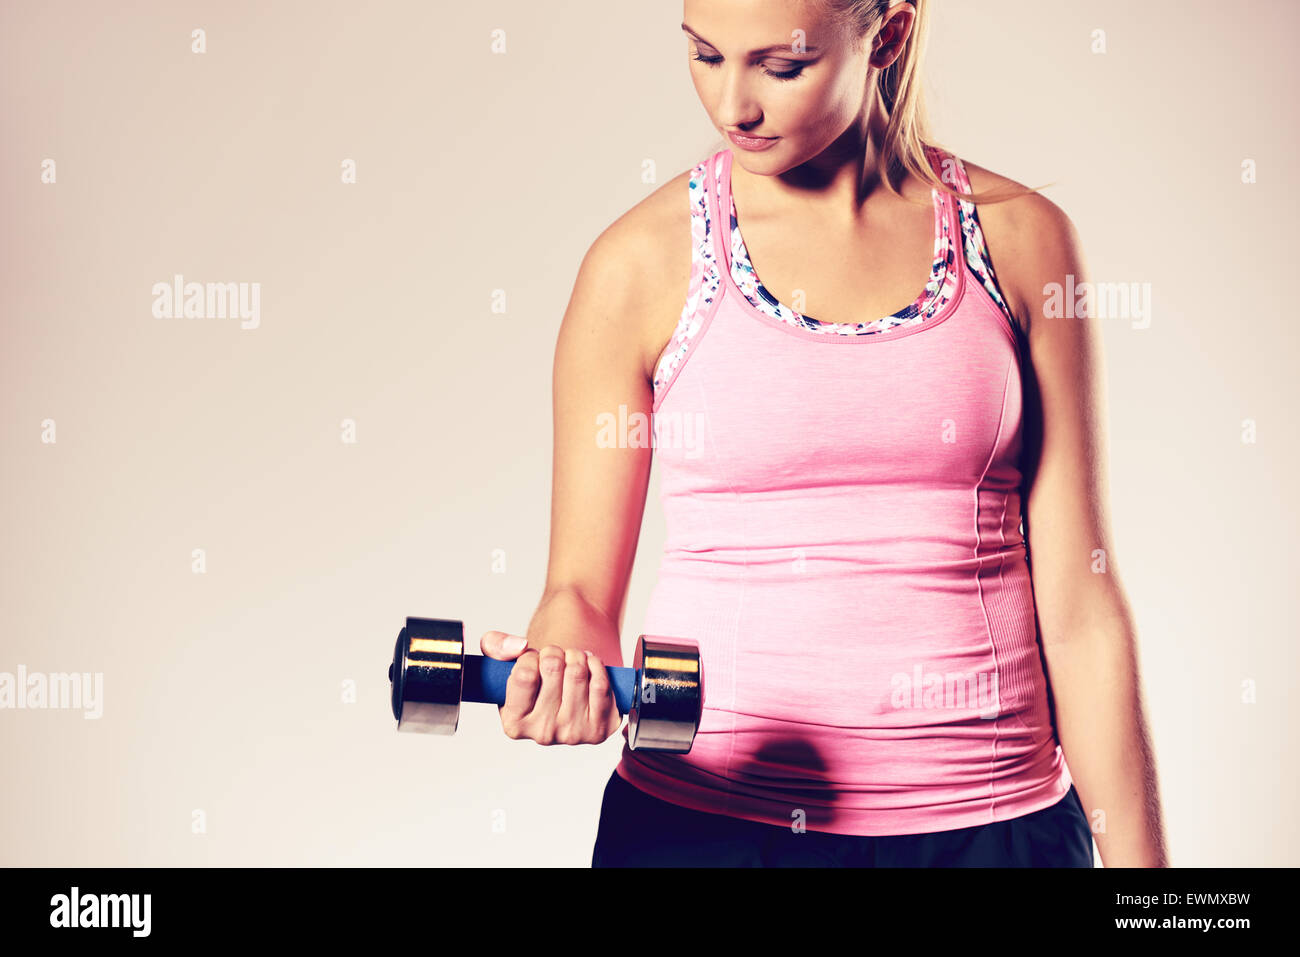 Giovane donna che lavora fuori il corpo superiore, facendo un bicipite curl. Immagini Stock